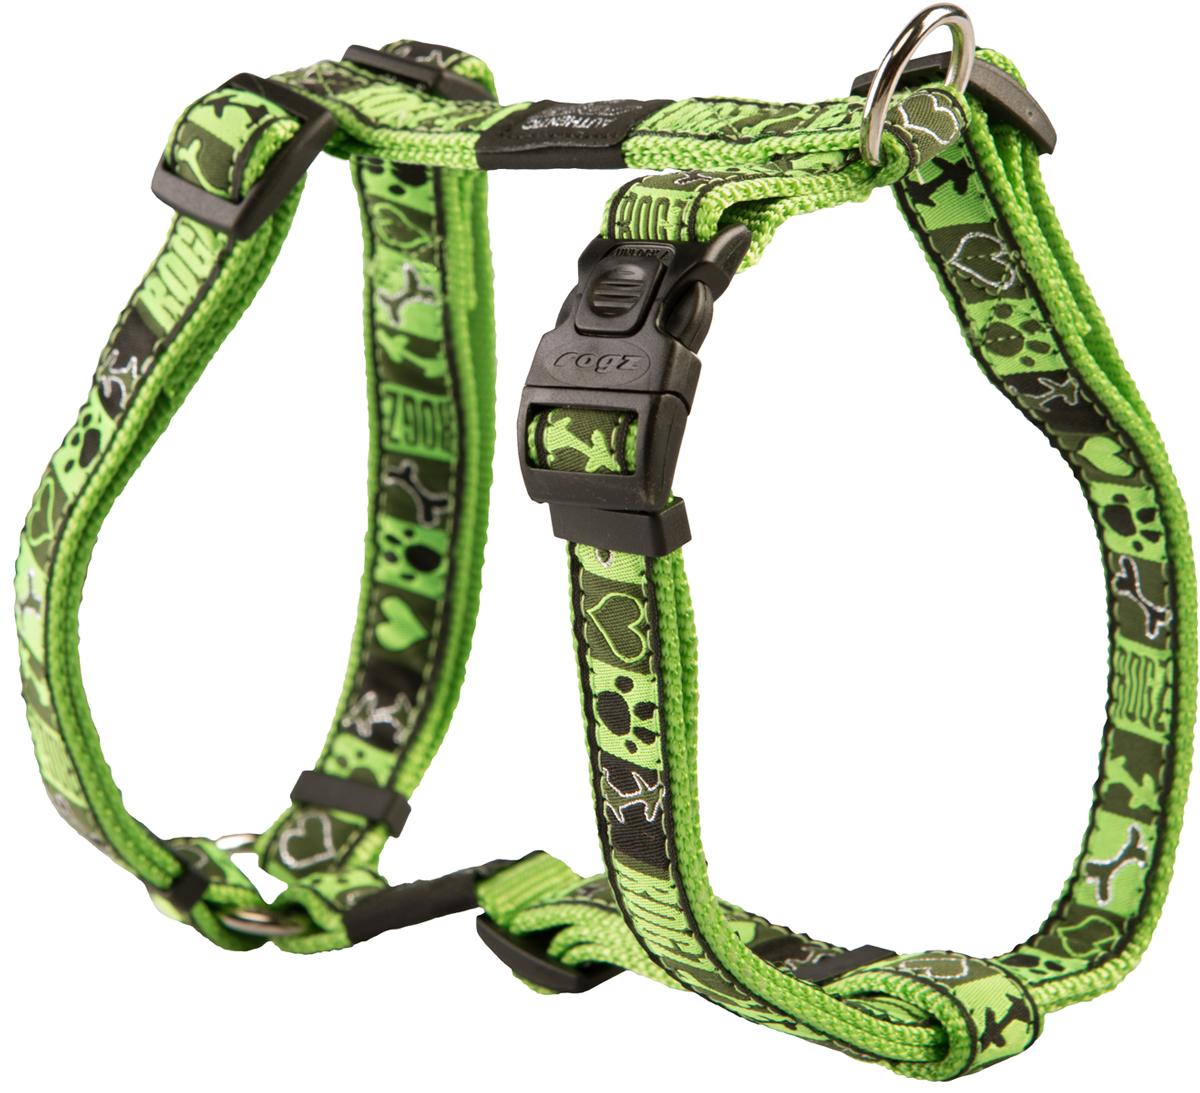 Шлейка для собак Rogz Fancy Dress, цвет: зеленый, ширина 2 см0120710Шлейка для собак Rogz Fancy Dress имеет необычный дизайн. Широкая гамма потрясающе красивых орнаментов на прочной тесьме поверх нейлоновой ленты украсит вашего питомца.Застегивается, не доставляя неудобство собаке.Специальная конструкция пряжки Rog Loc - очень крепкая(система Fort Knox). Замок может быть расстегнут только рукой человека.С помощью системы ремней изделие подгоняется под животного индивидуально.Необыкновенно крепкая и прочная шлейка.Выполненные по заказу литые кольца выдерживают значительные физические нагрузки и имеют хромирование, нанесенное гальваническим способом, что позволяет избежать коррозии и потускнения изделия.Легко можно прикрепить к ошейнику и поводку.